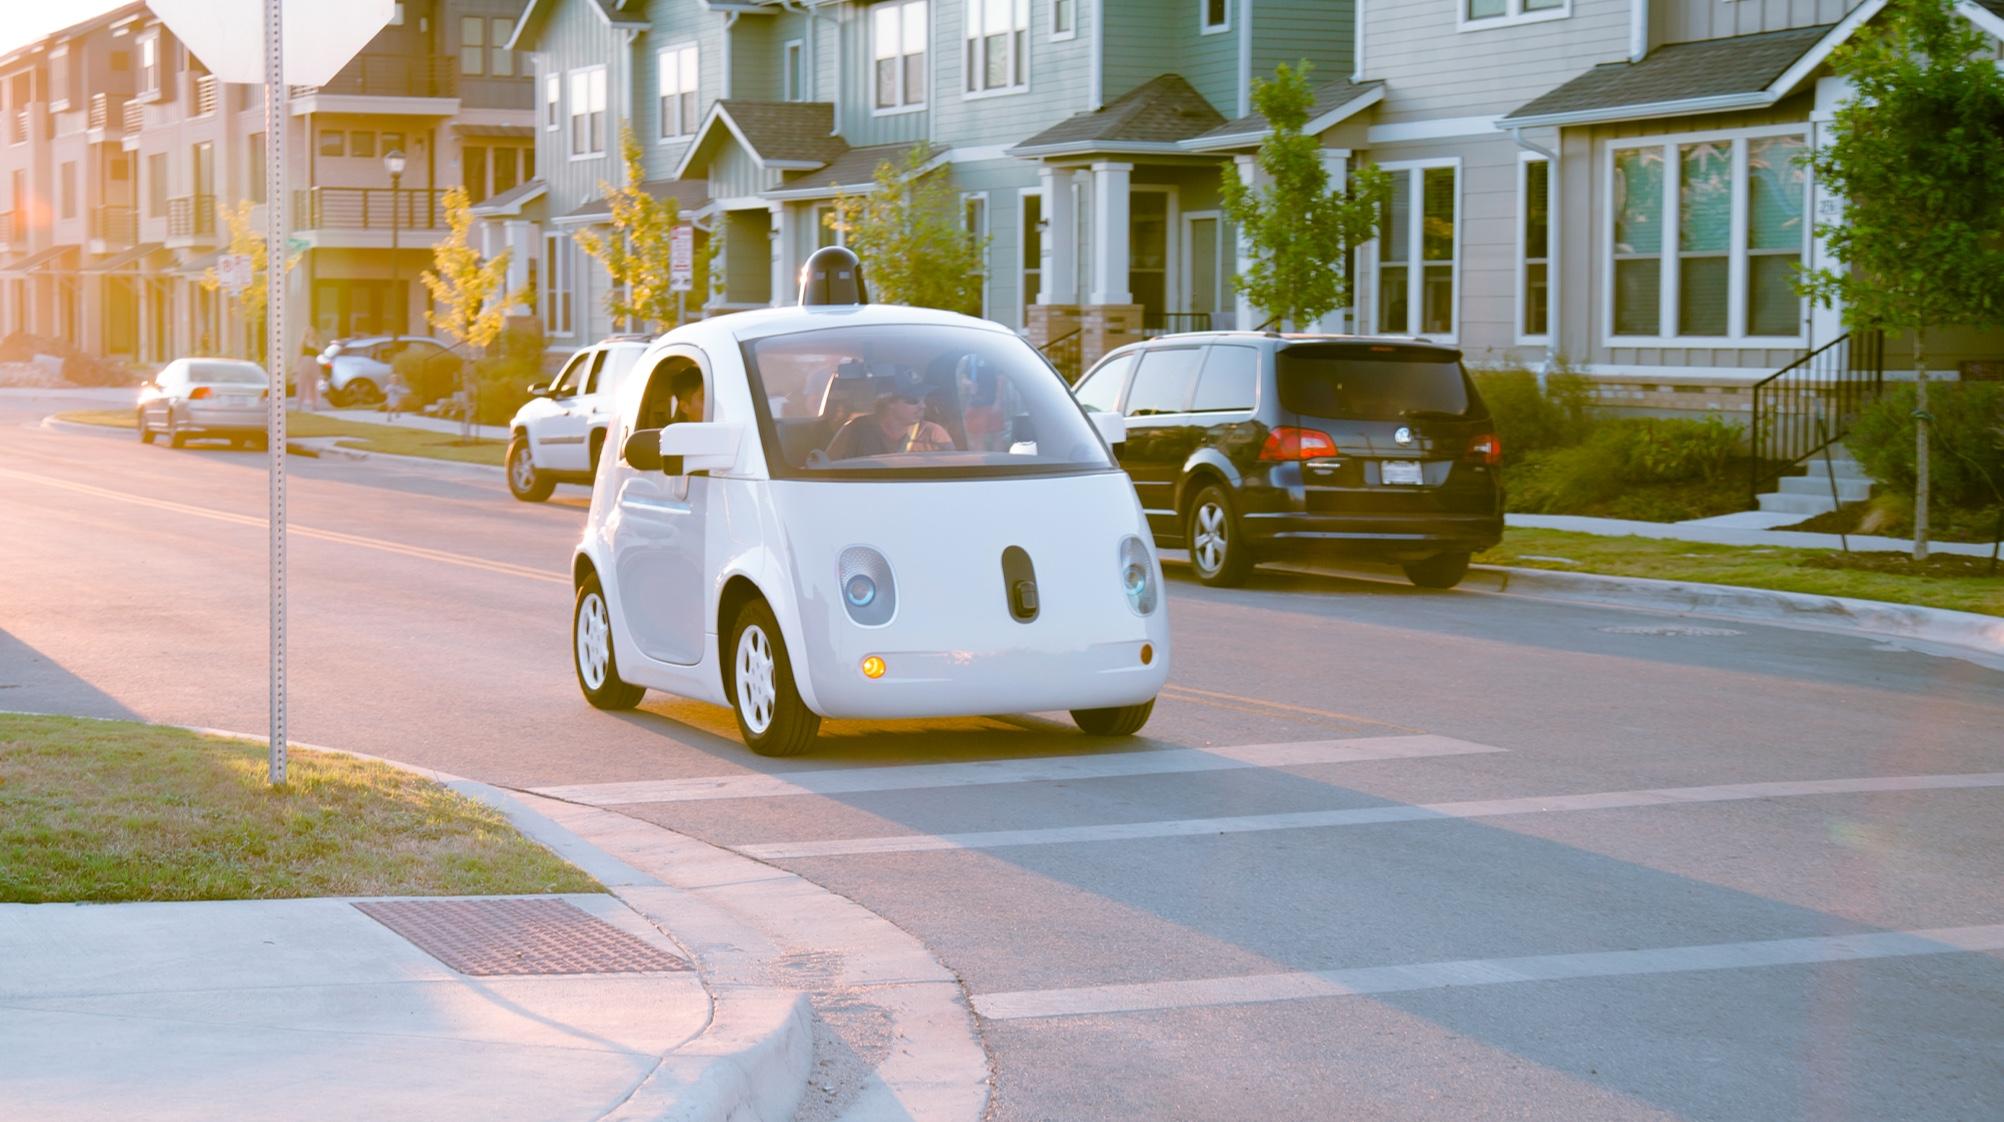 Google/Waymos selvkjørende biler vil snart ikke trenge ratt og sjåfør, som har vært kravet i California frem til nå.